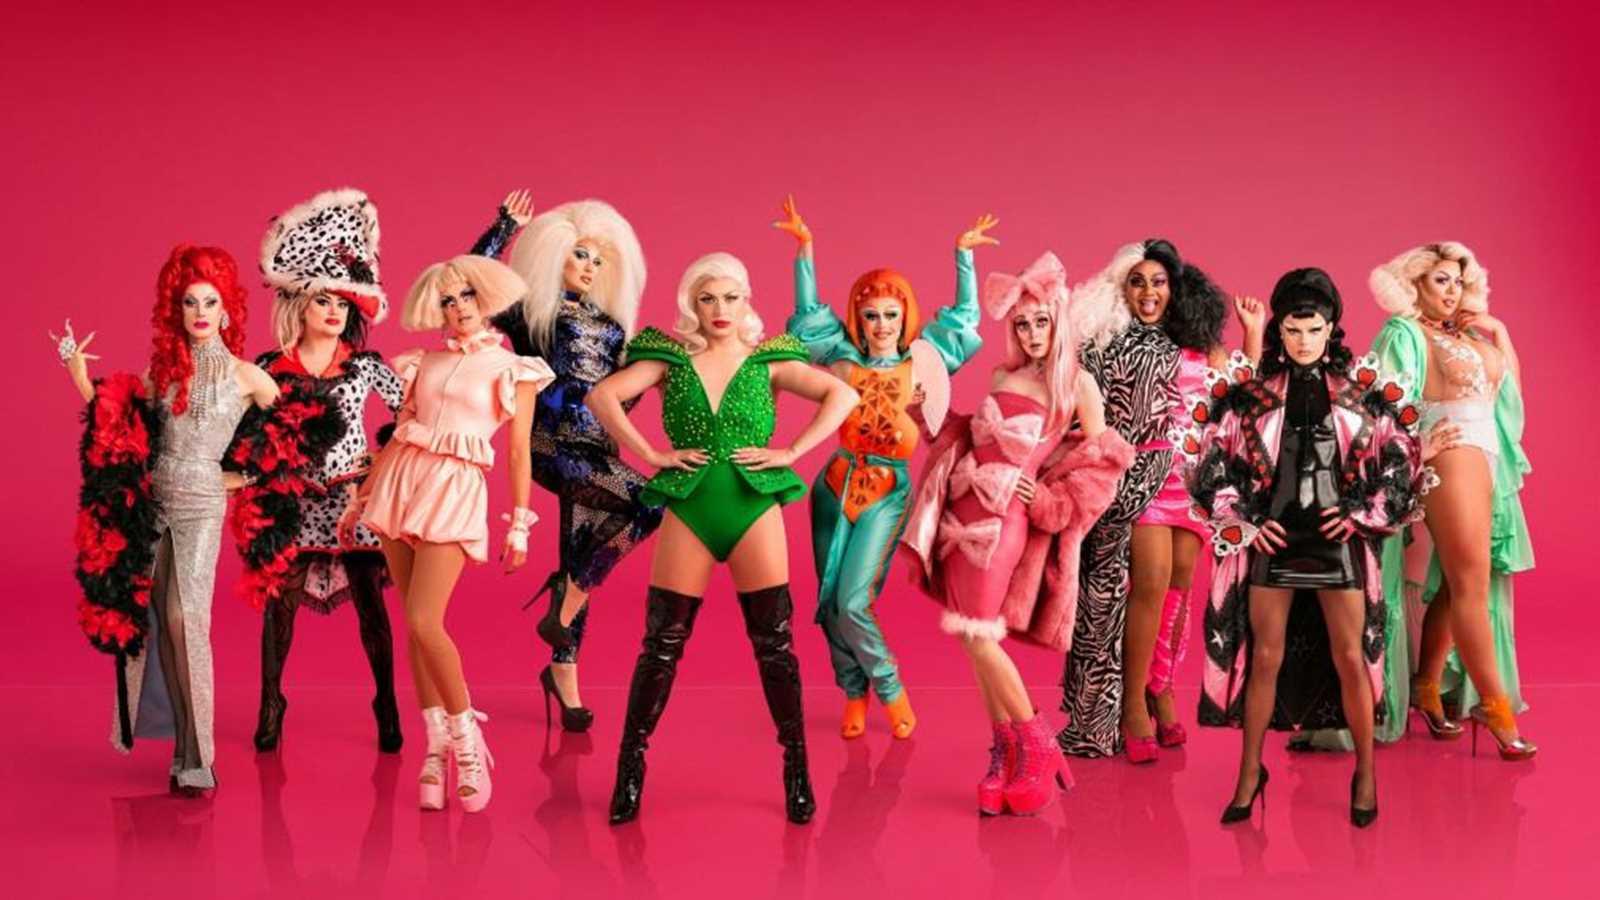 RuPaul's Drag Race UK season 1 cast of queens photos